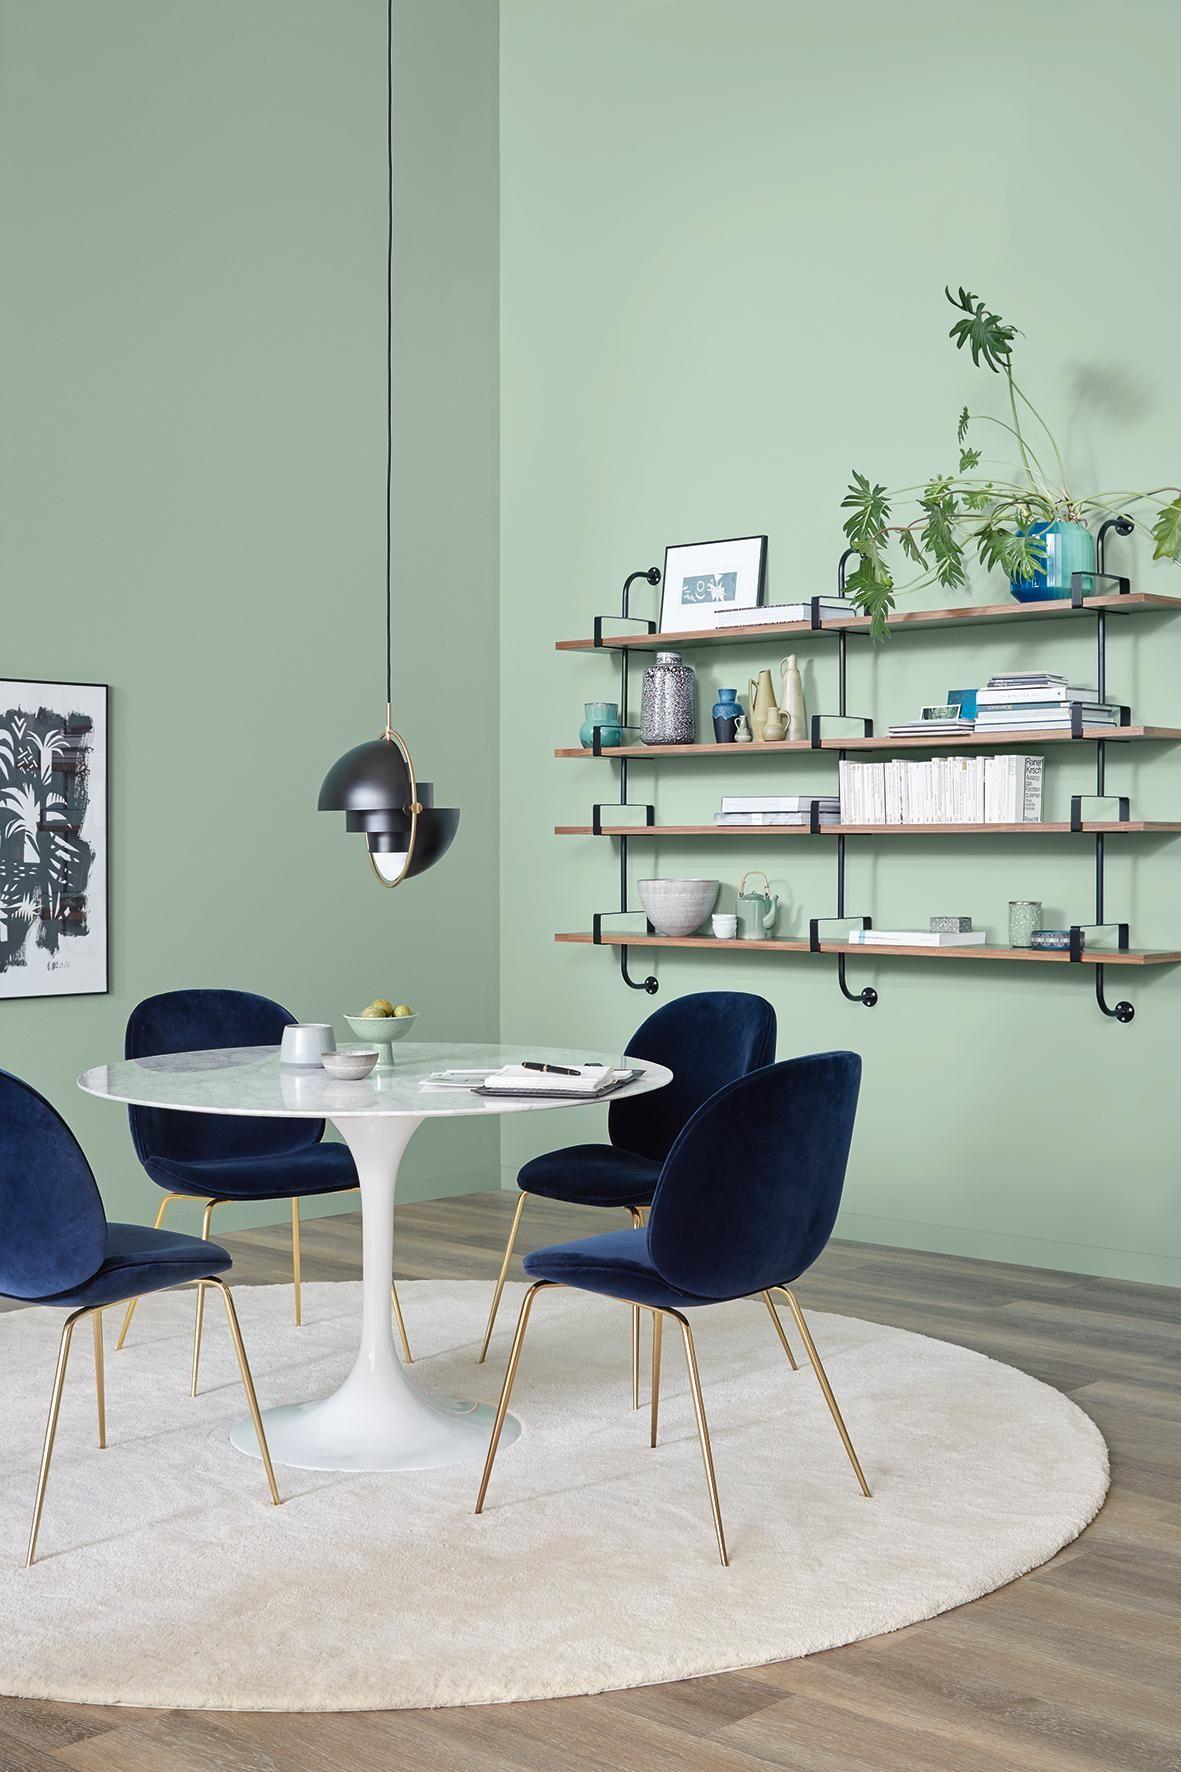 Spa Schoner Wohnen Trendfarbe Wandfarbe Regal Teppich Esstisch Wandgestaltung Tu Schoner Wohnen Wandfarbe Schoner Wohnen Farbe